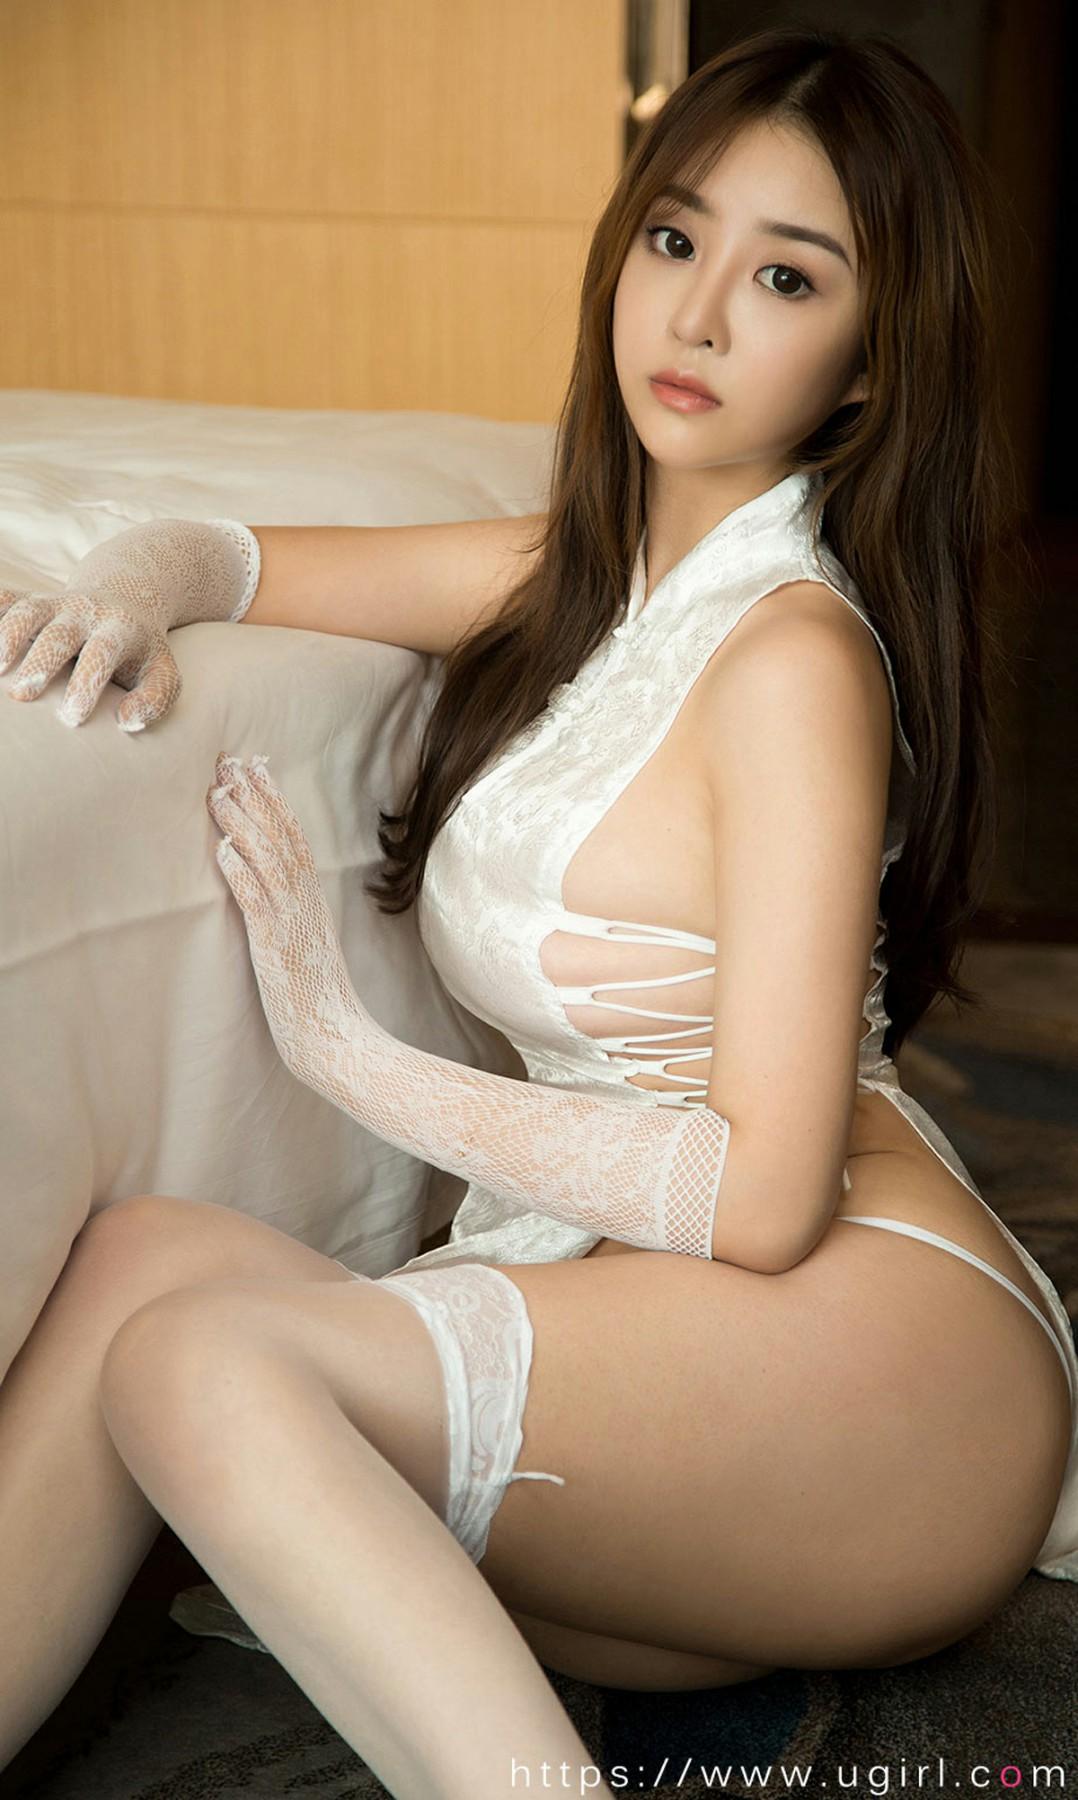 [Ugirls尤果网]爱尤物 2020.02.19 No.1736 Yunie 心事奶酪[34P] 尤果网 第3张